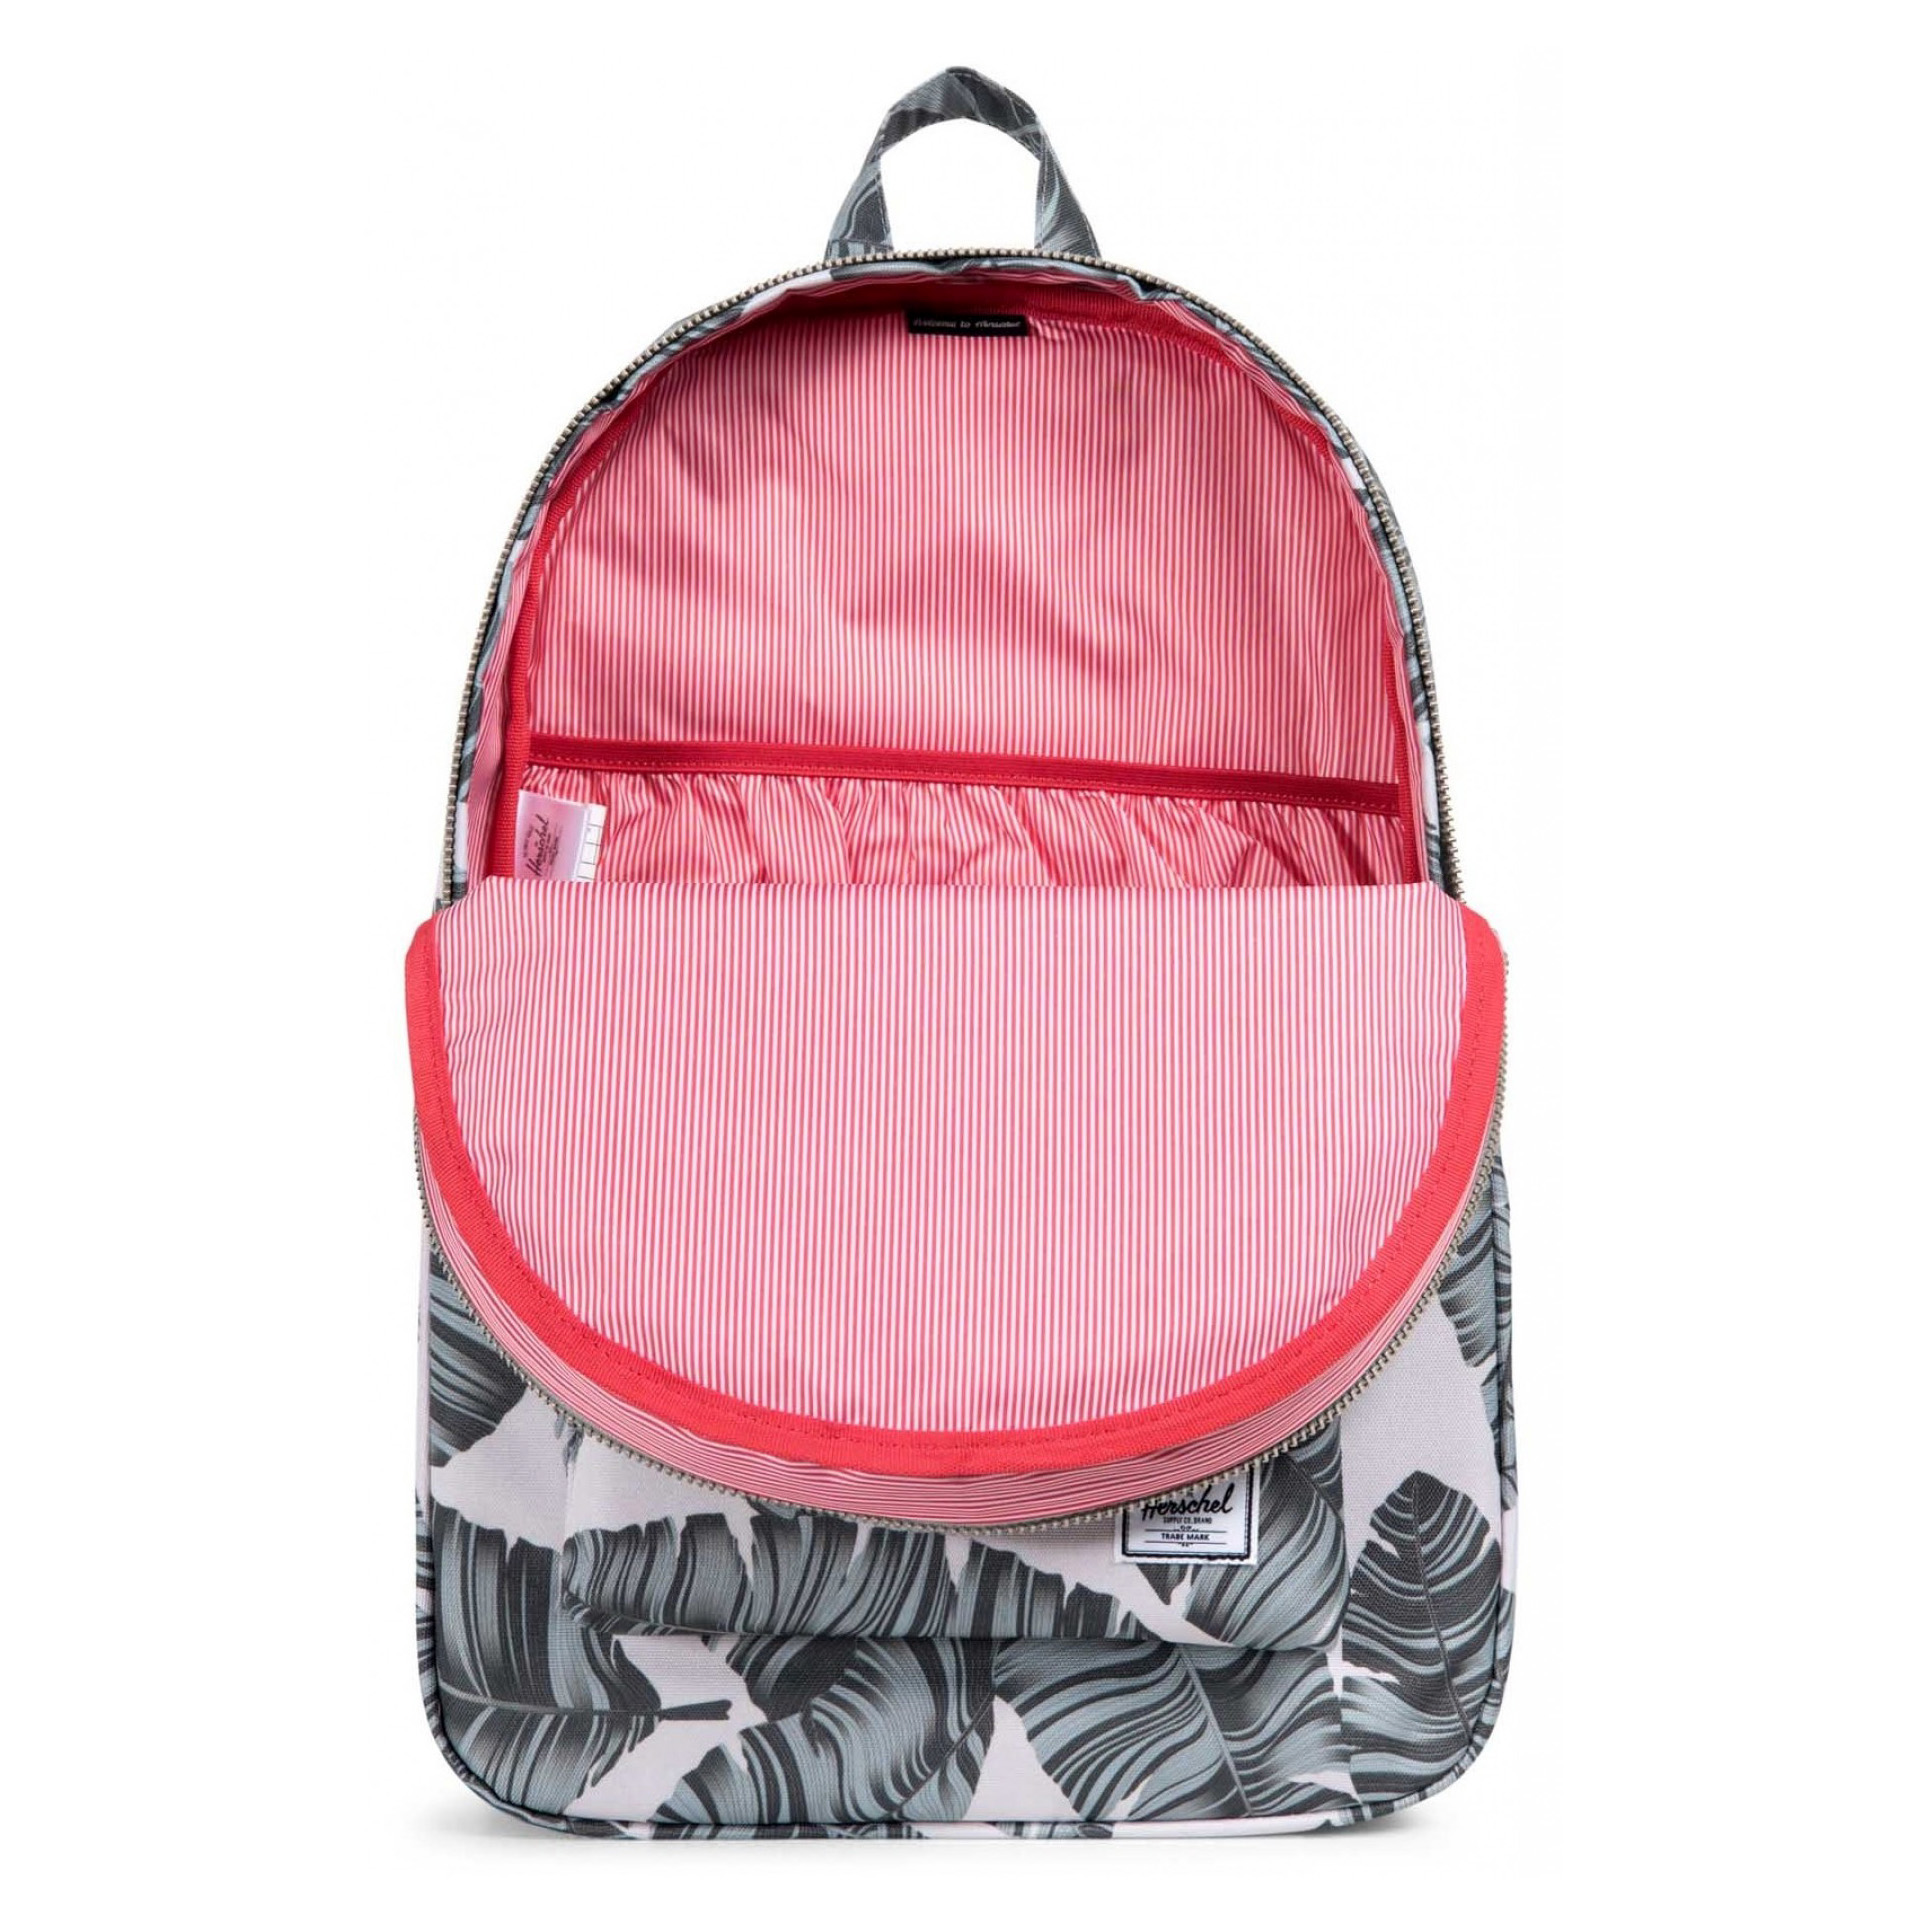 69fa08952cf Herschel Settlement Backpack - Backpacks Backpacks - Sporting goods ...